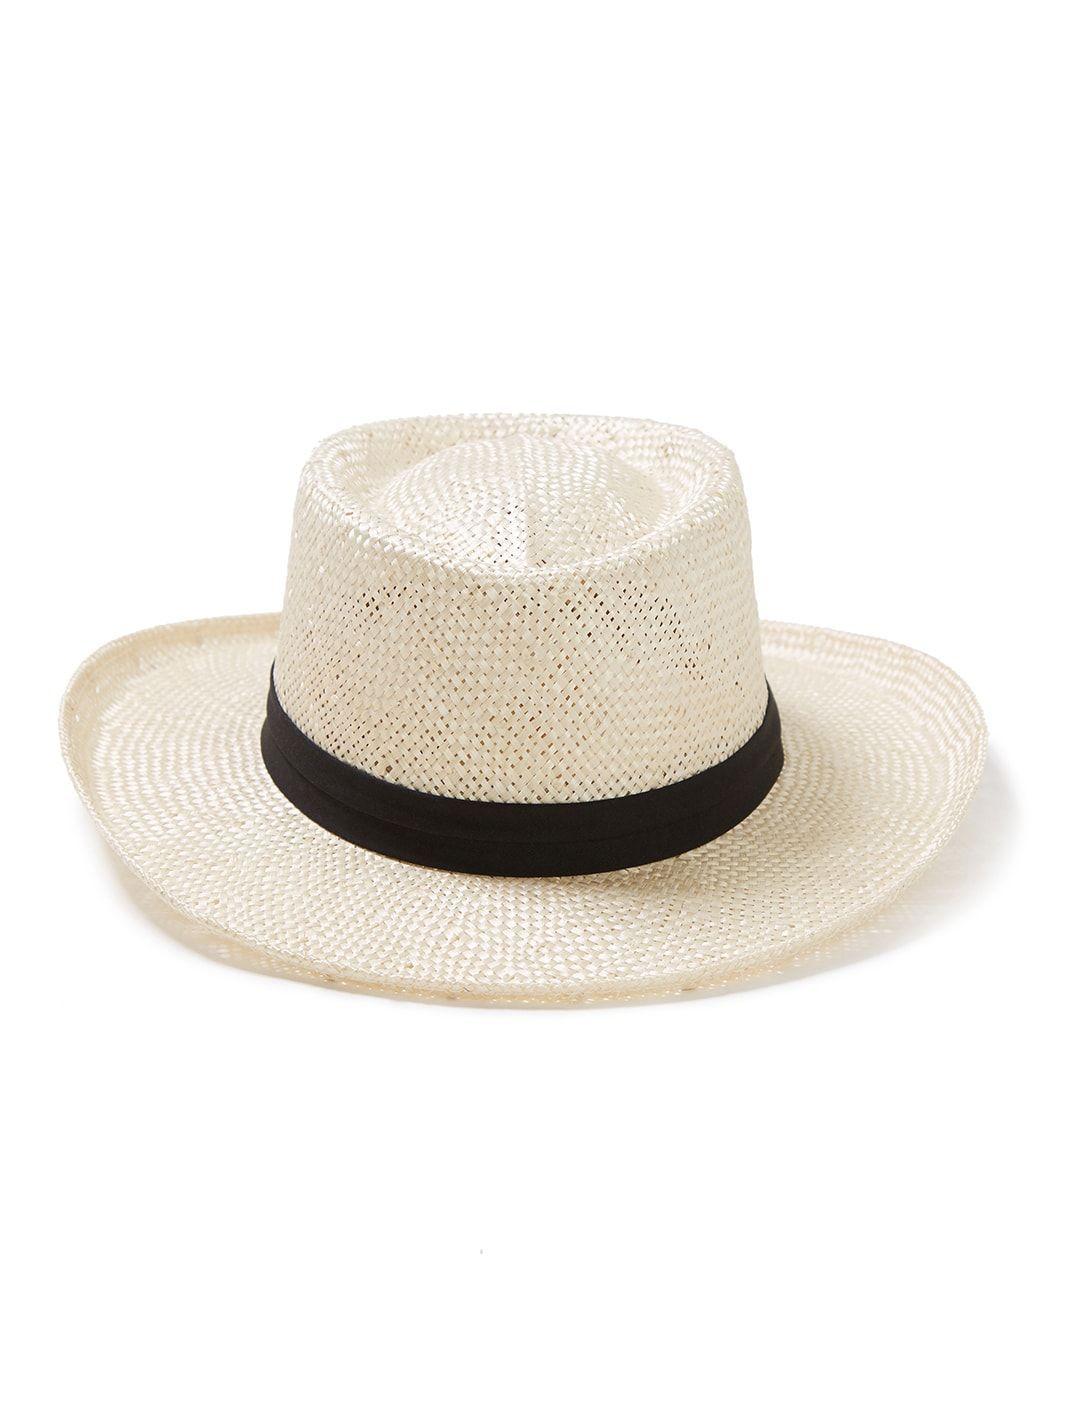 dee68d6c Stetson Men's Muldoon Gambler Hat TSMLDN0232. Details